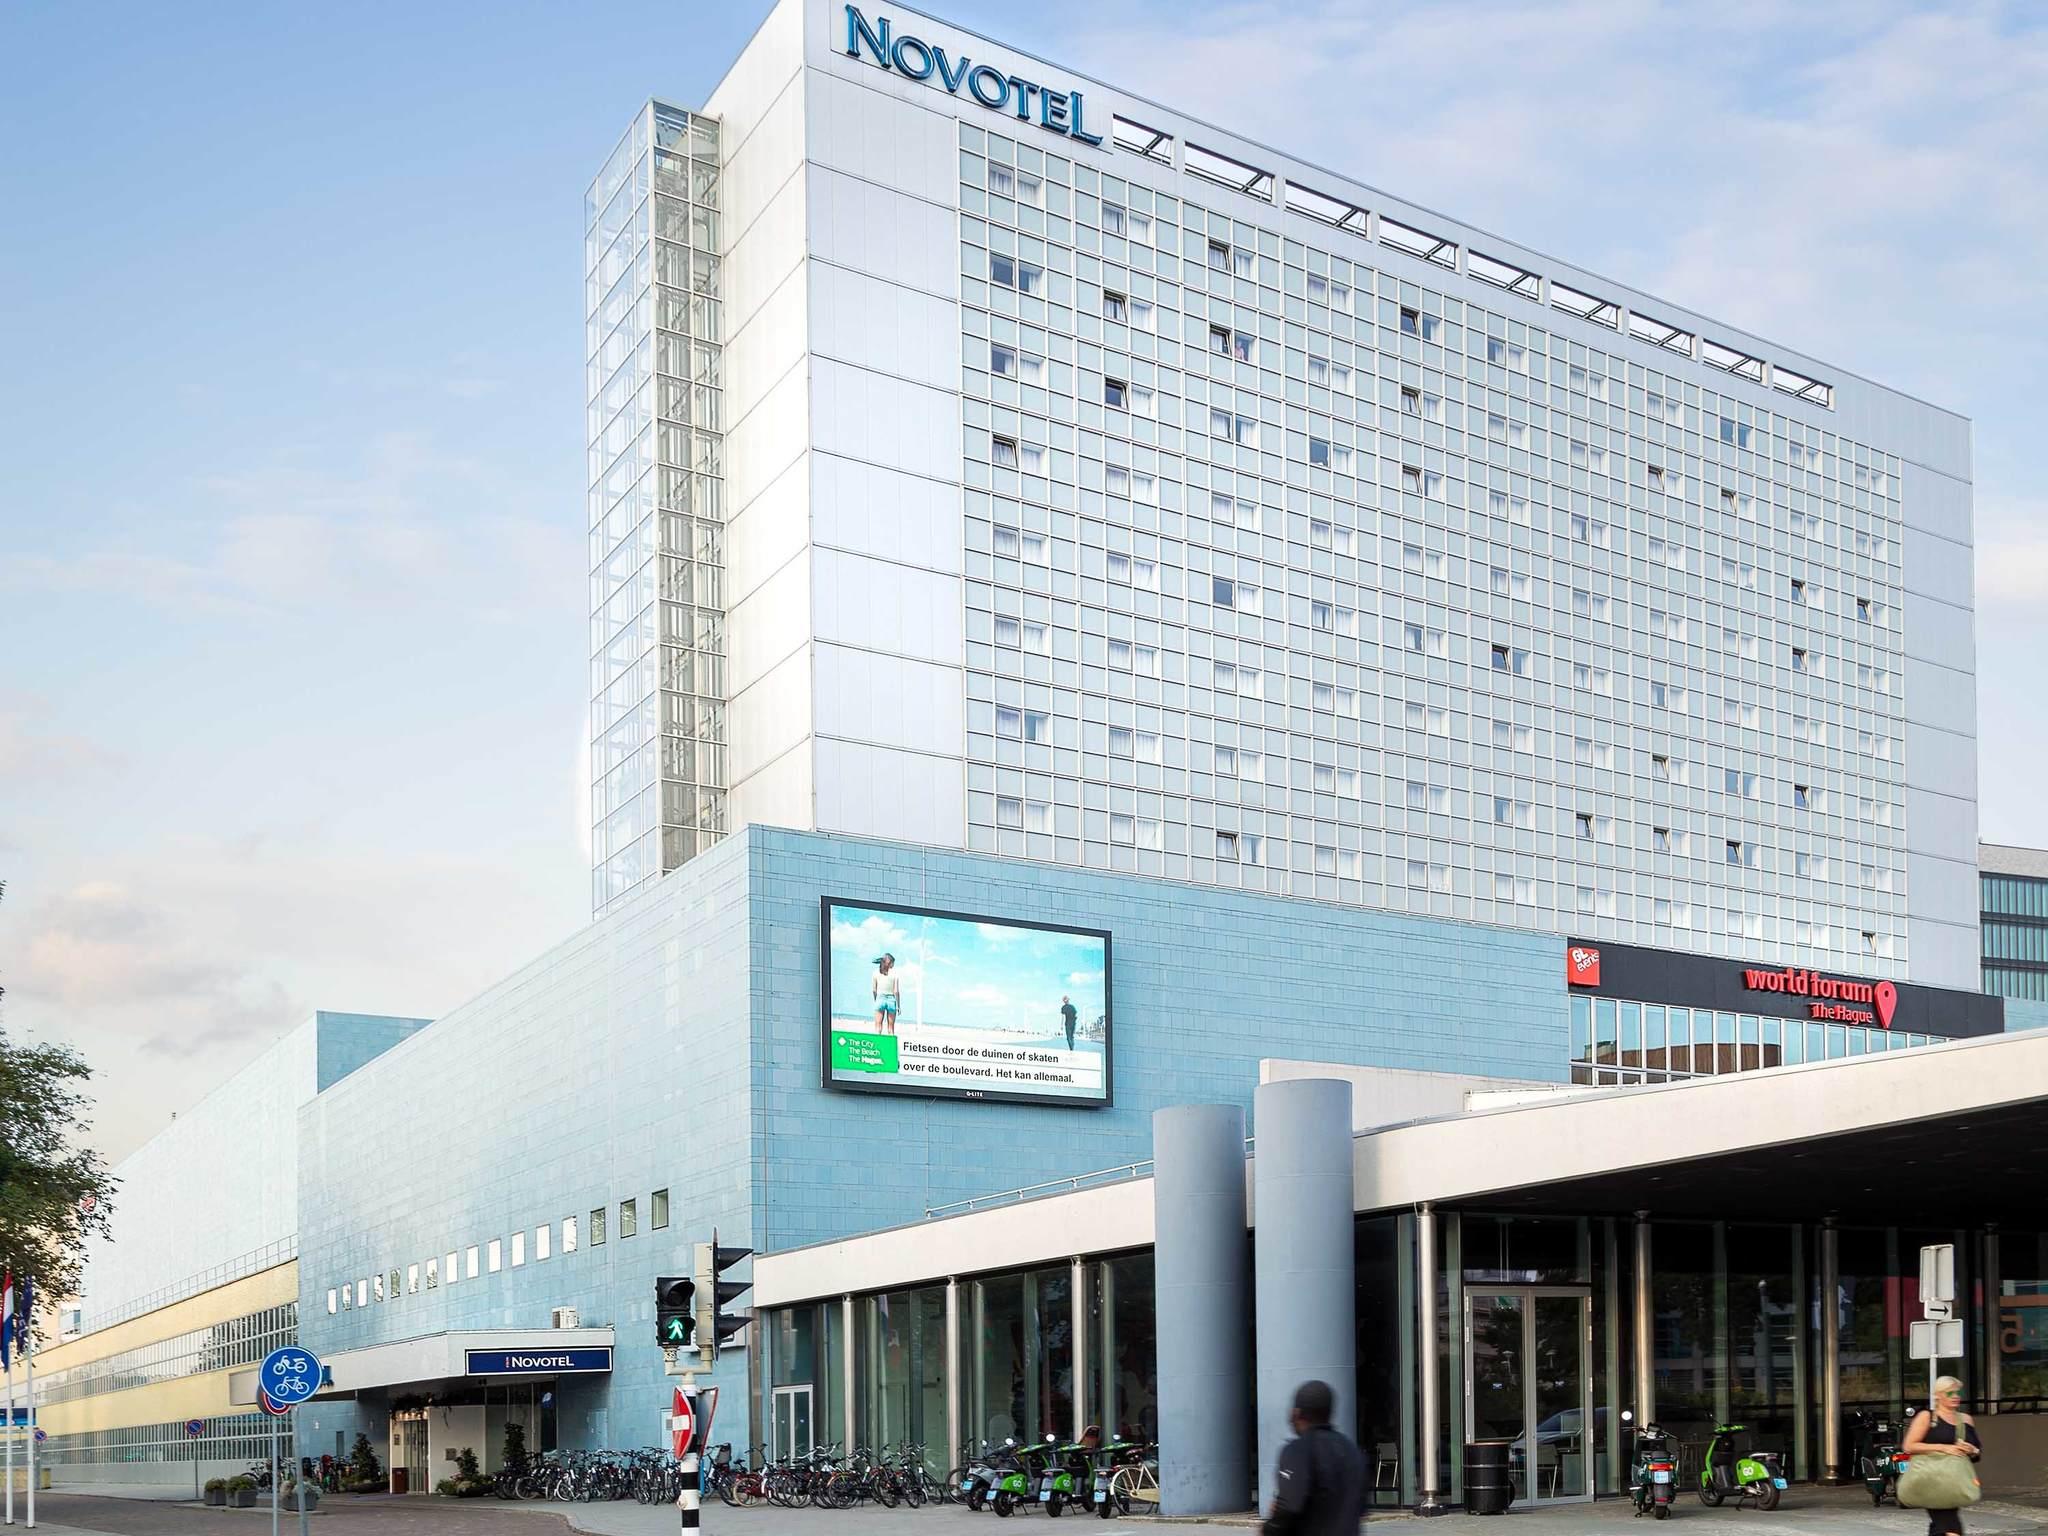 酒店 – 海牙世界论坛诺富特酒店